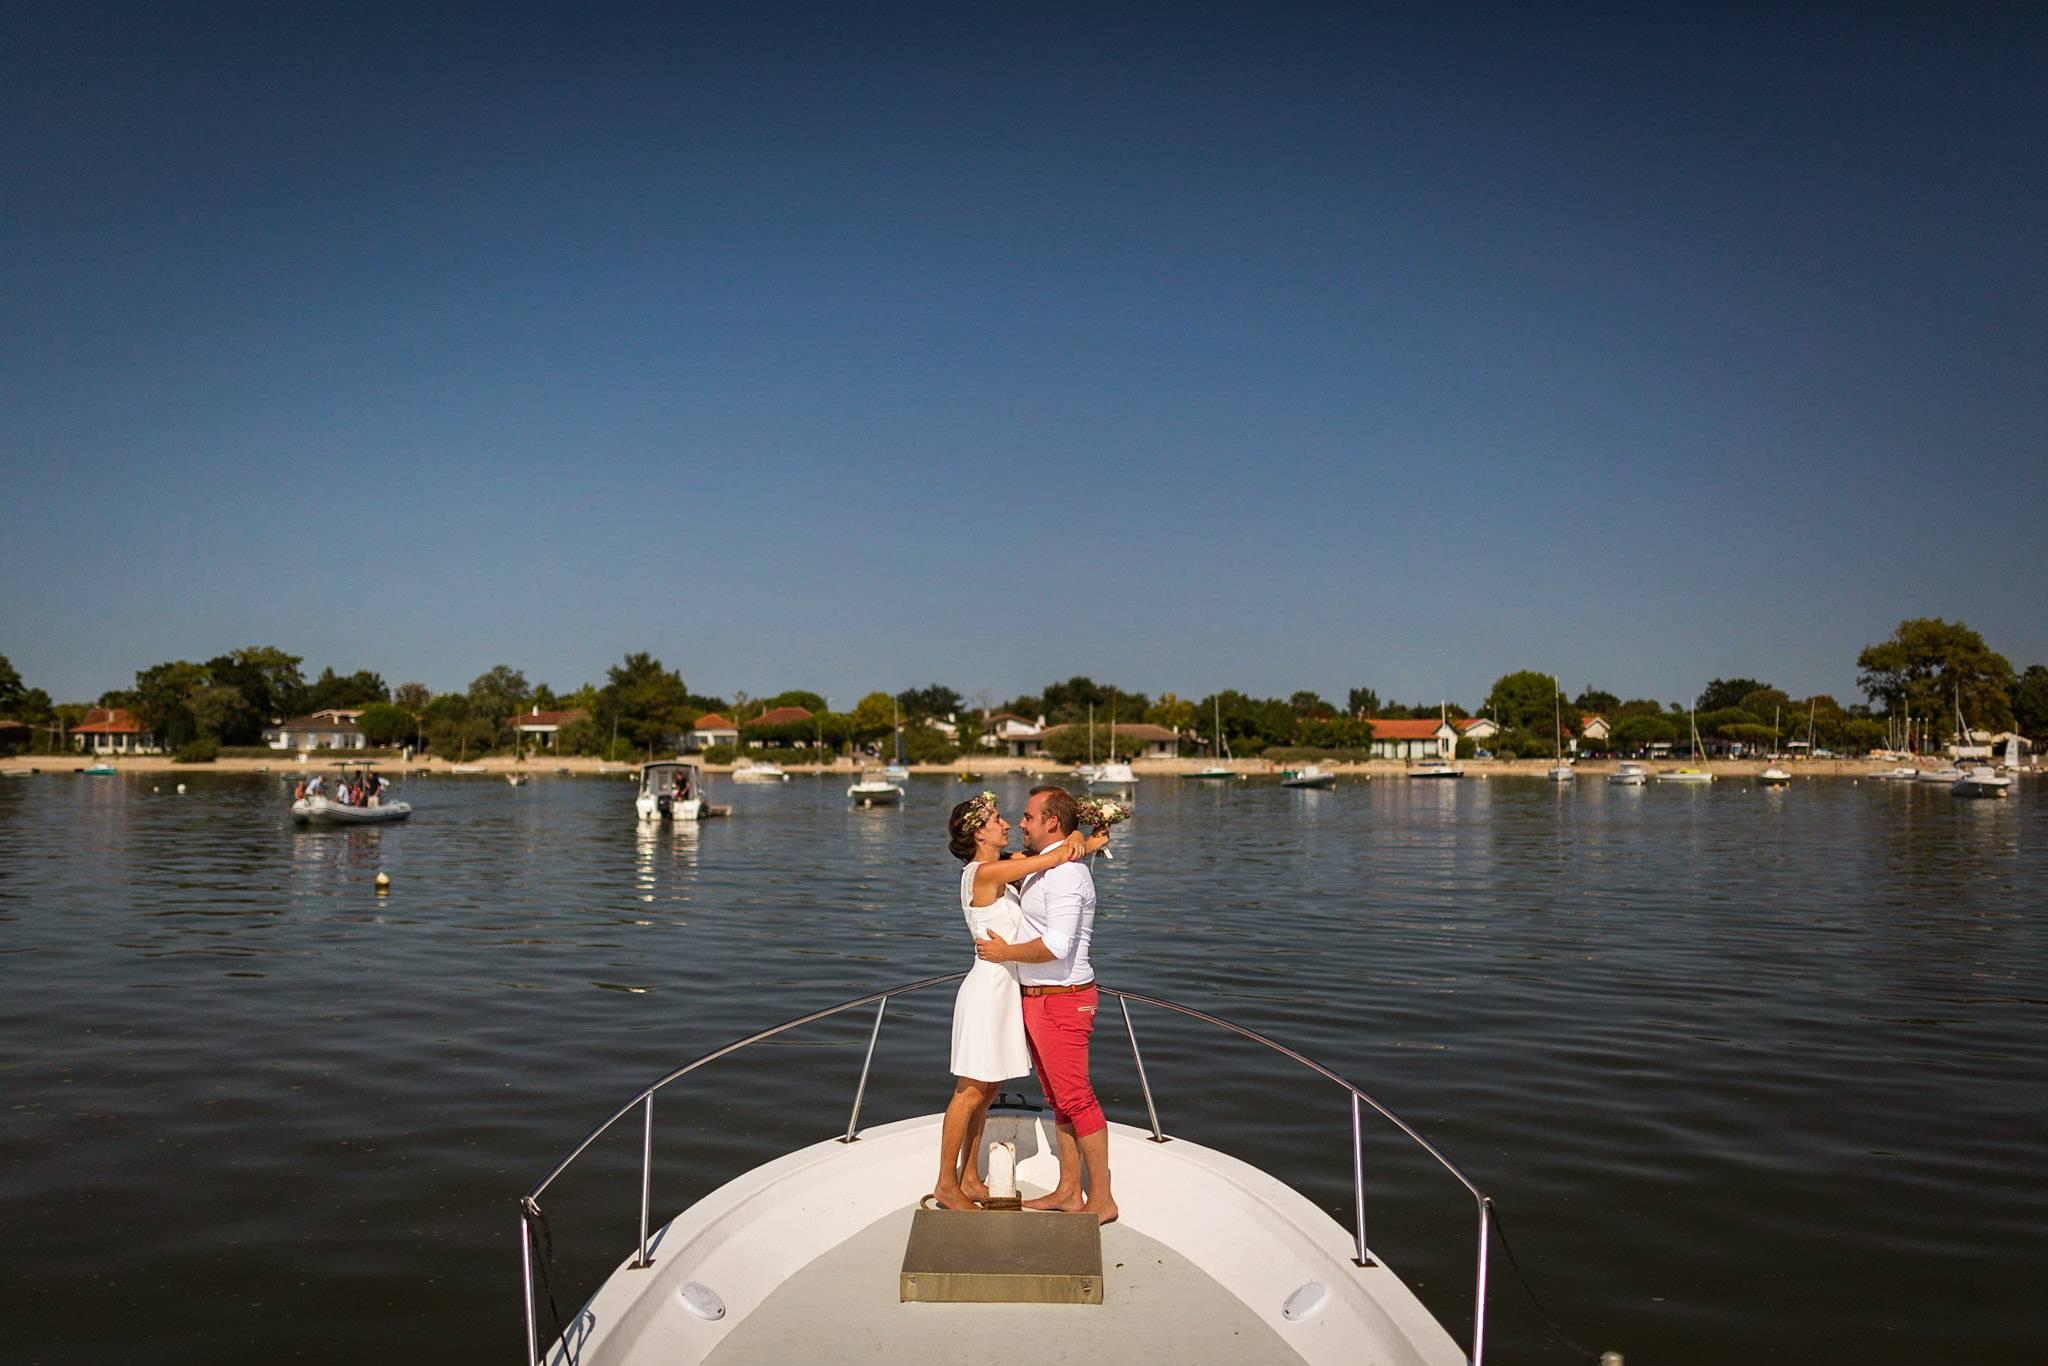 Le reportage photo du mariage civil à Arès (Bassin d'Arcachon) d'Alice et François-Maxime. Photos de couple à la plage, sur un bateau, sur le bassin.